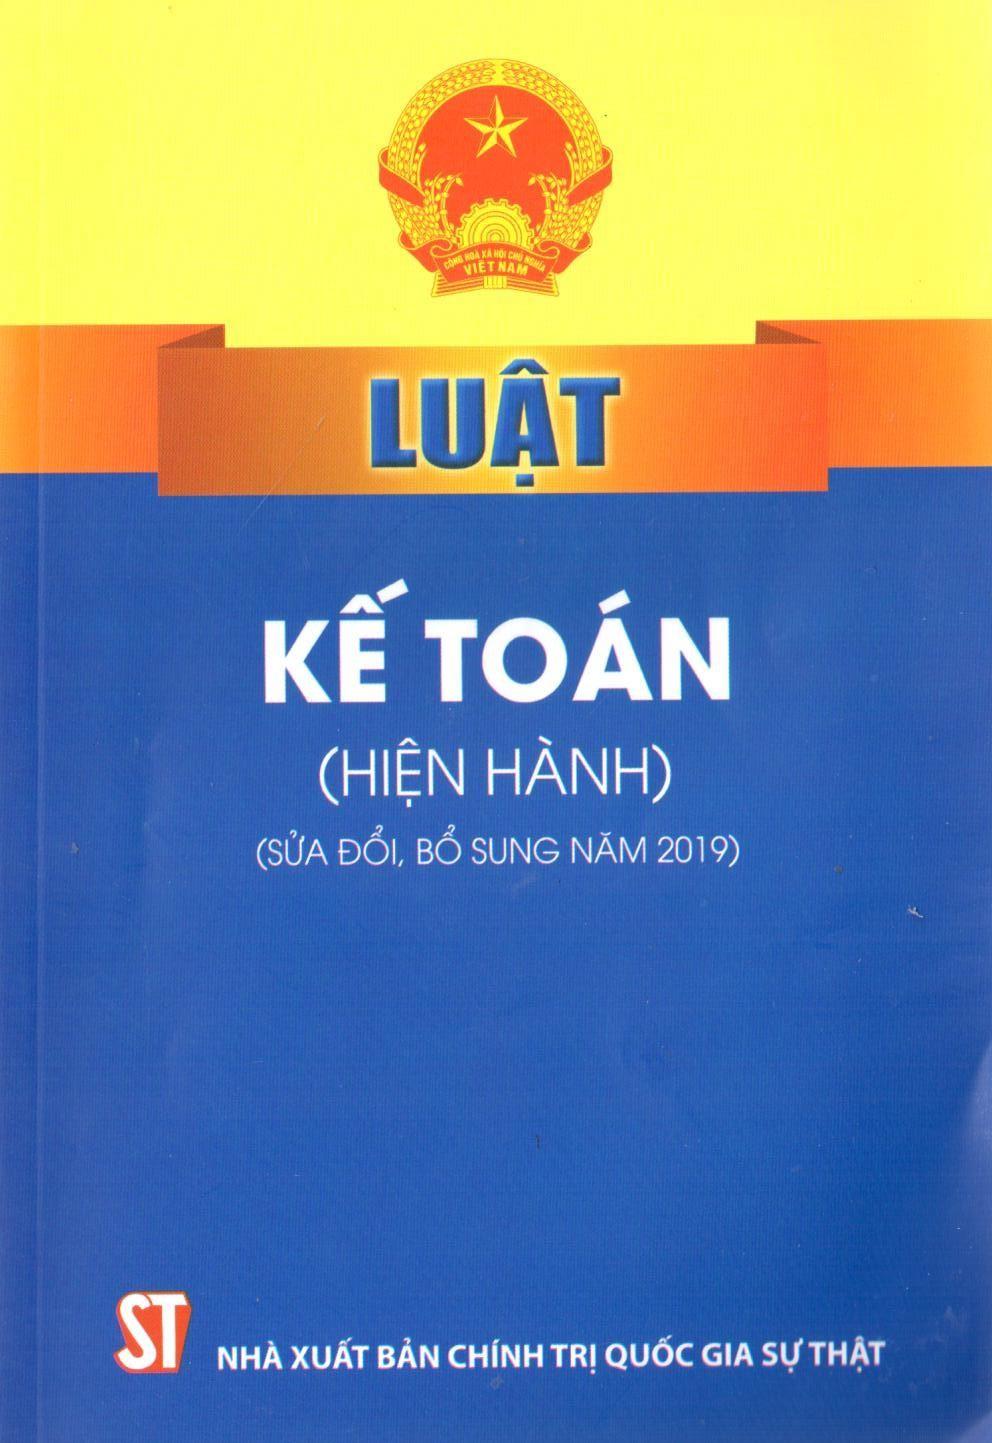 Luật Kế toán (hiện hành) (sửa đổi, bổ sung năm 2019)